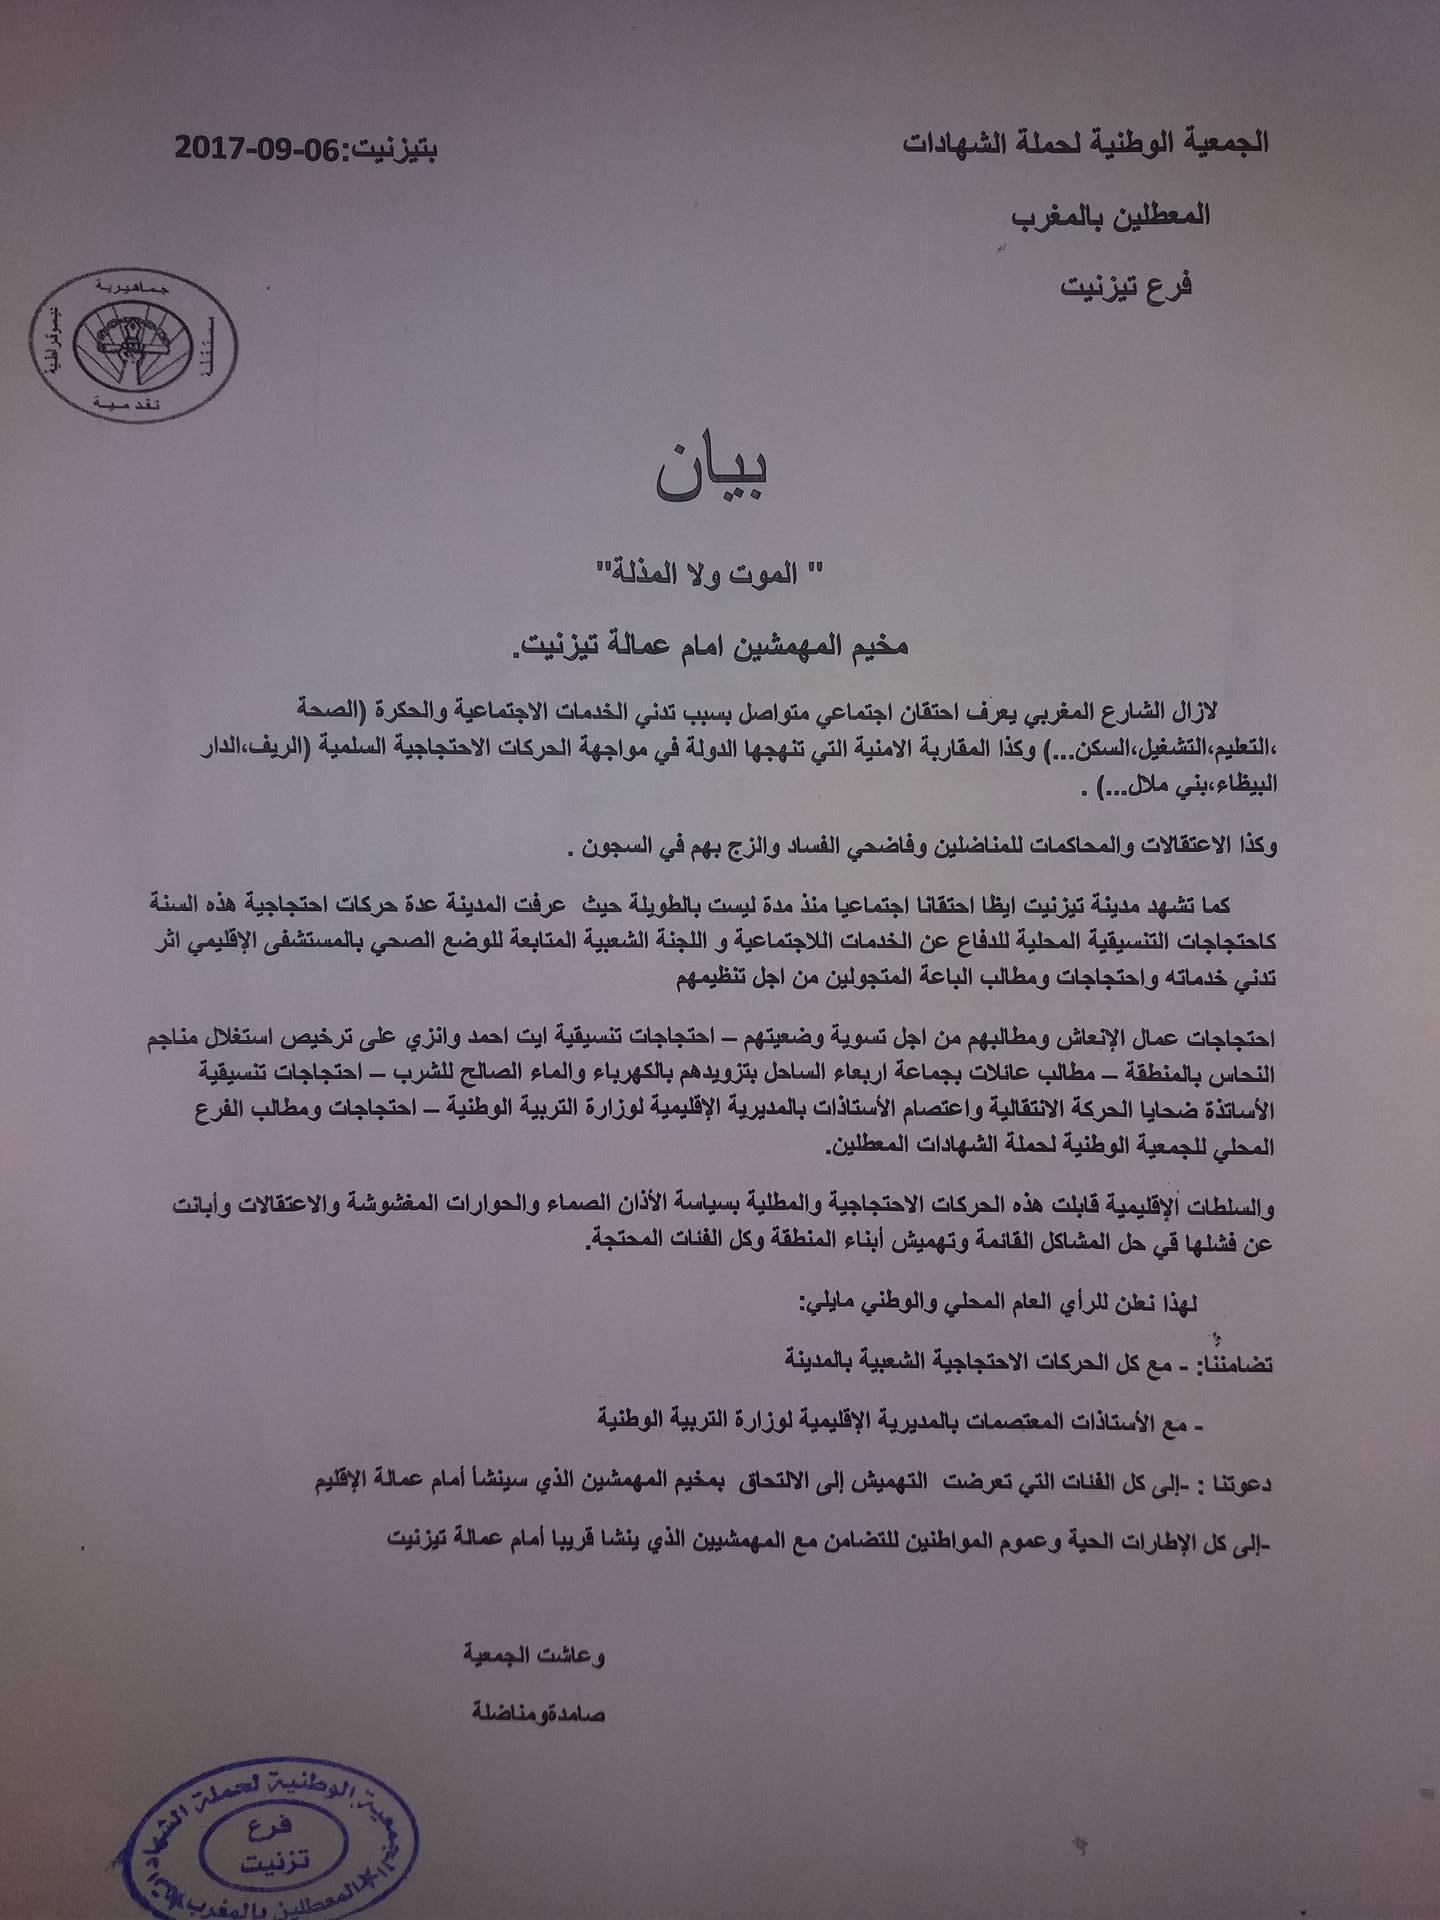 بيان للجمعية الوطنية لحملة الشهادا المعطلين بالمغرب فرع تيزنيت